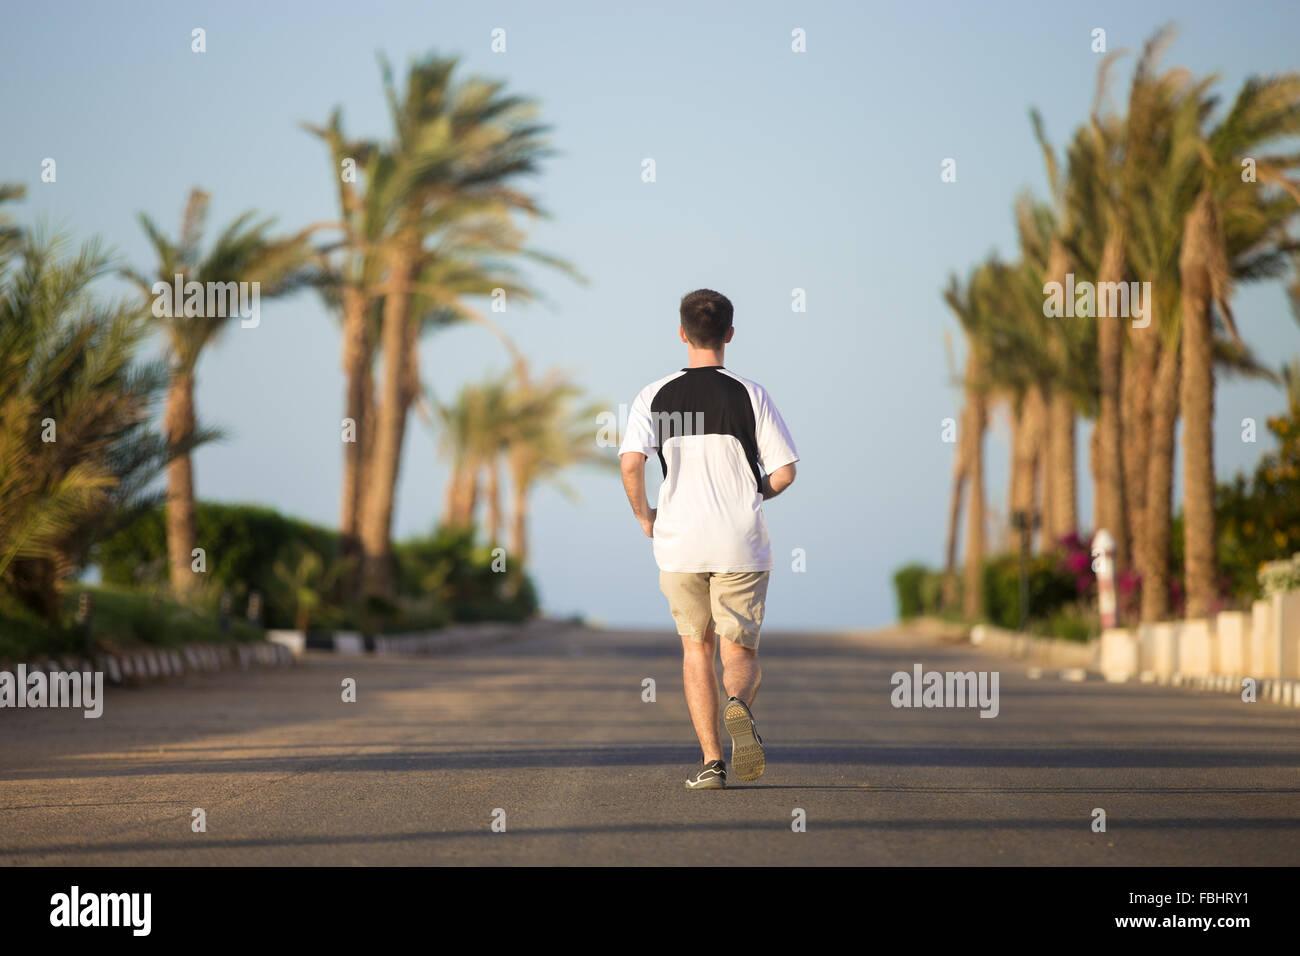 Man Running Away From Camera